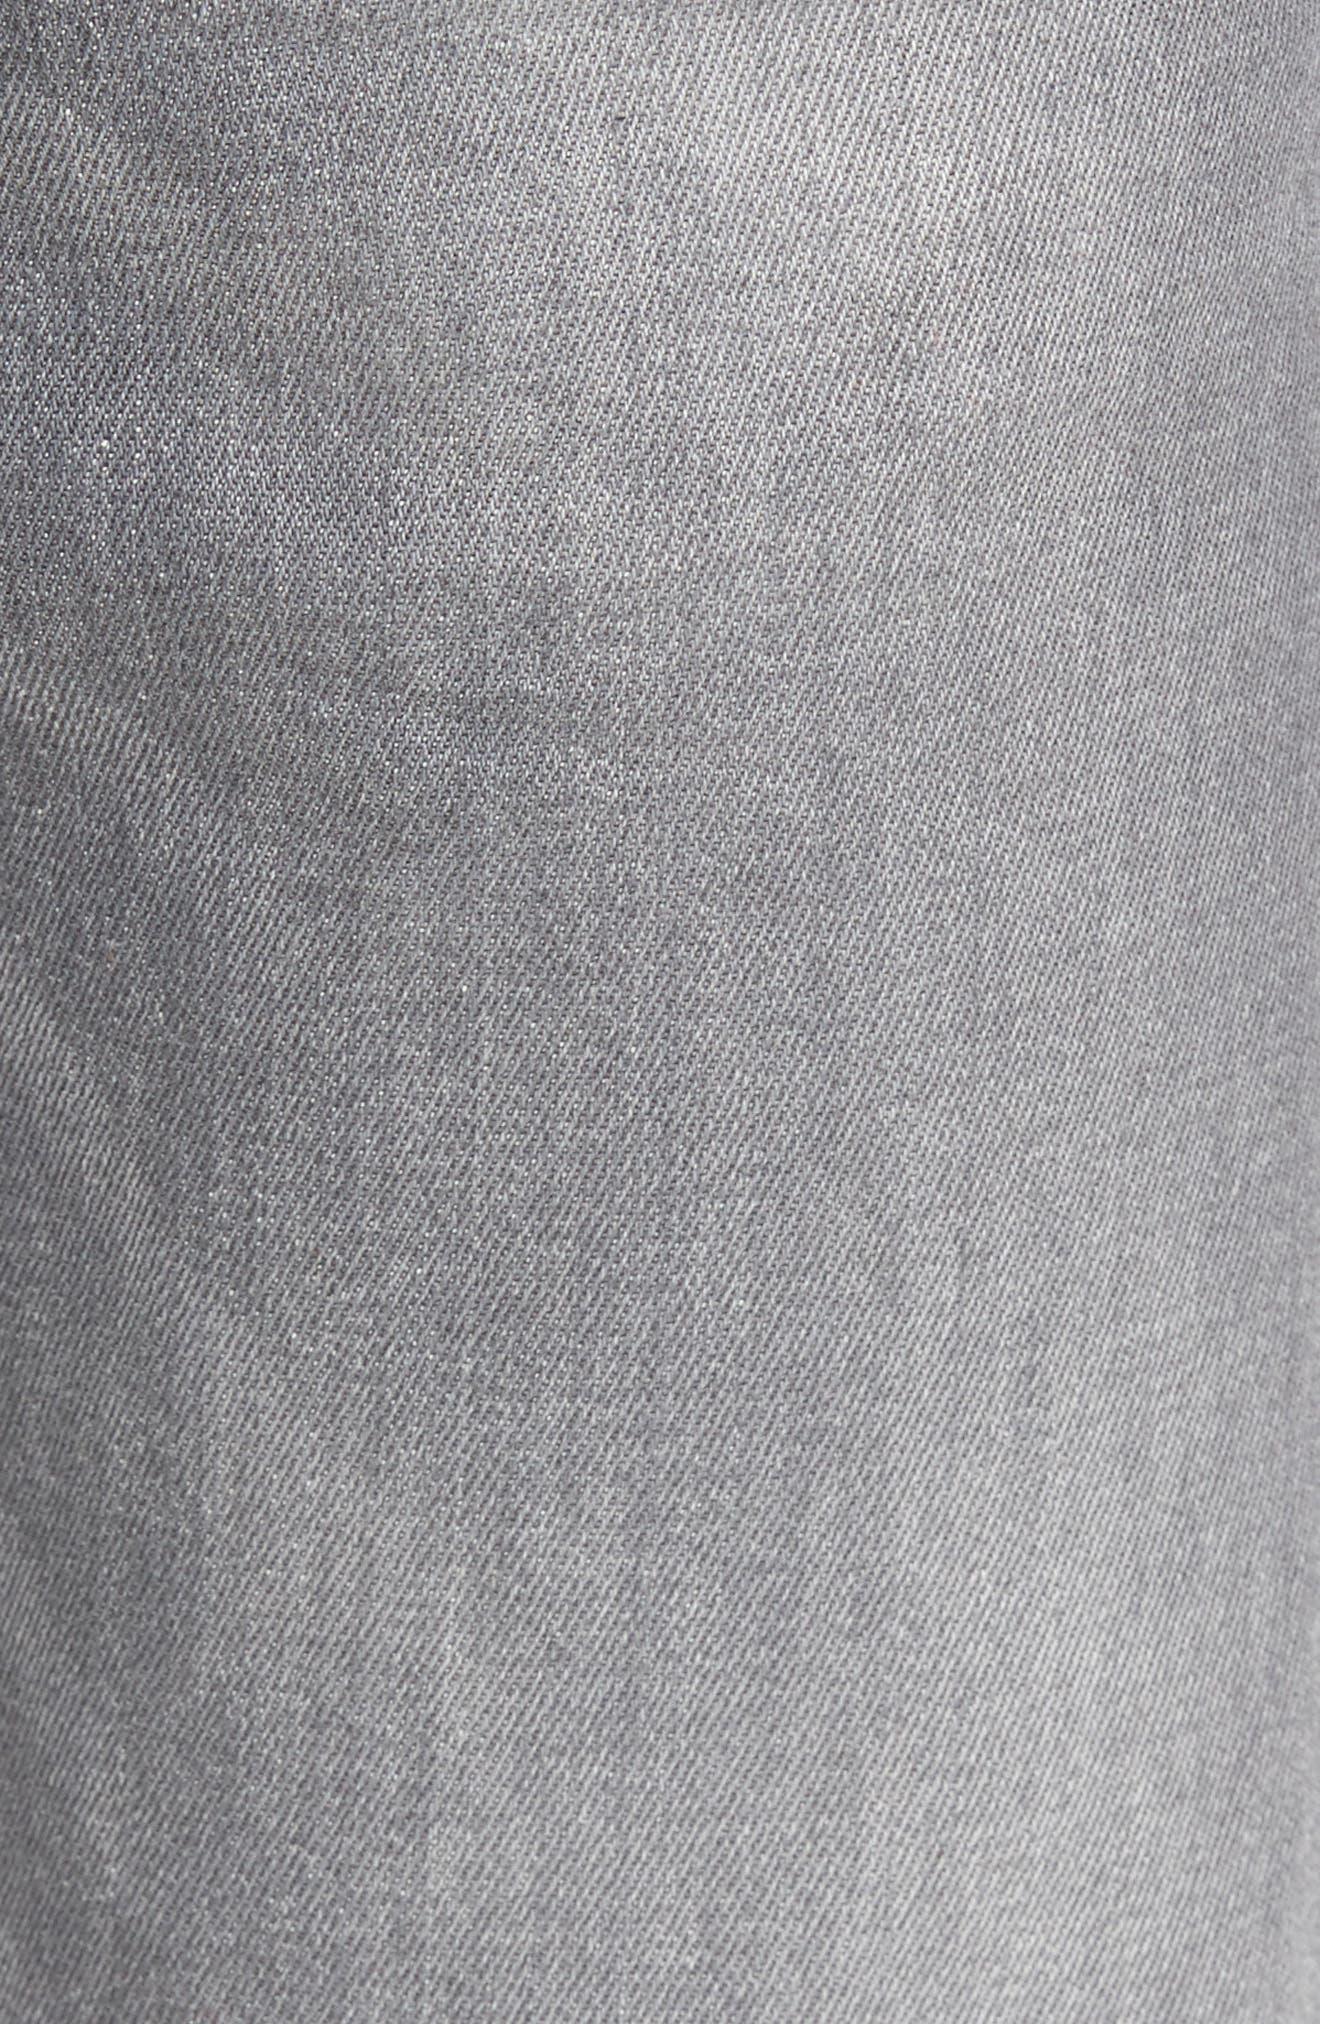 Buster Slim Straight Leg Jeans,                             Alternate thumbnail 5, color,                             020